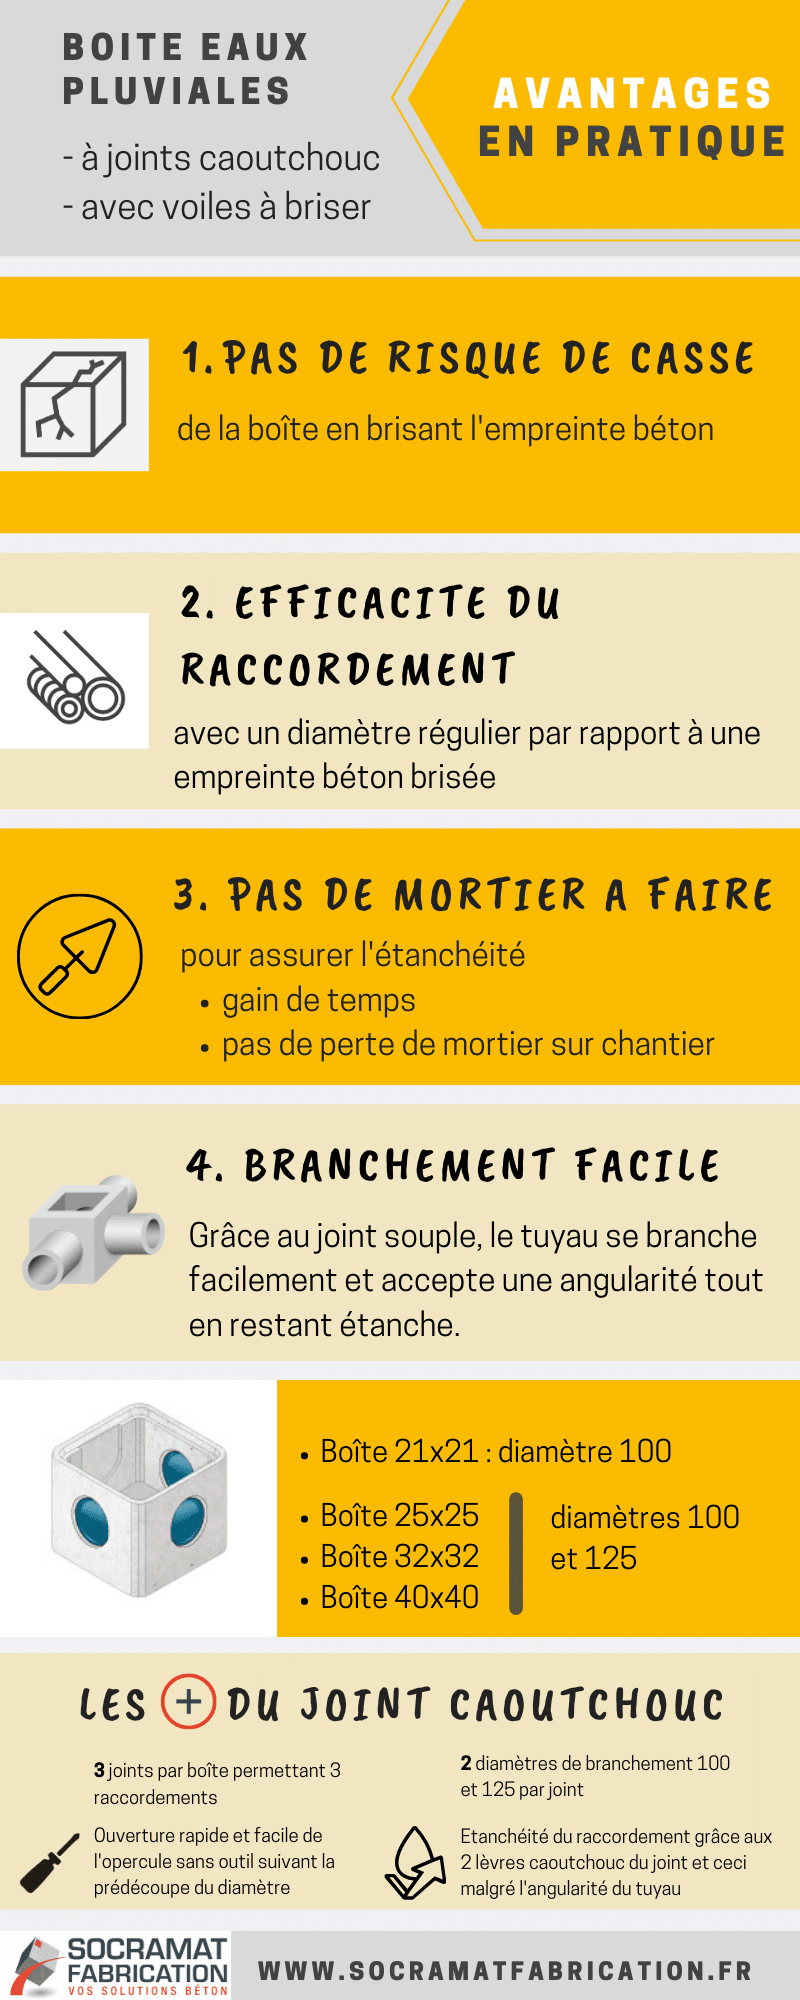 fiche-avantage-boite-eau-pluviale-a-joint-socramat